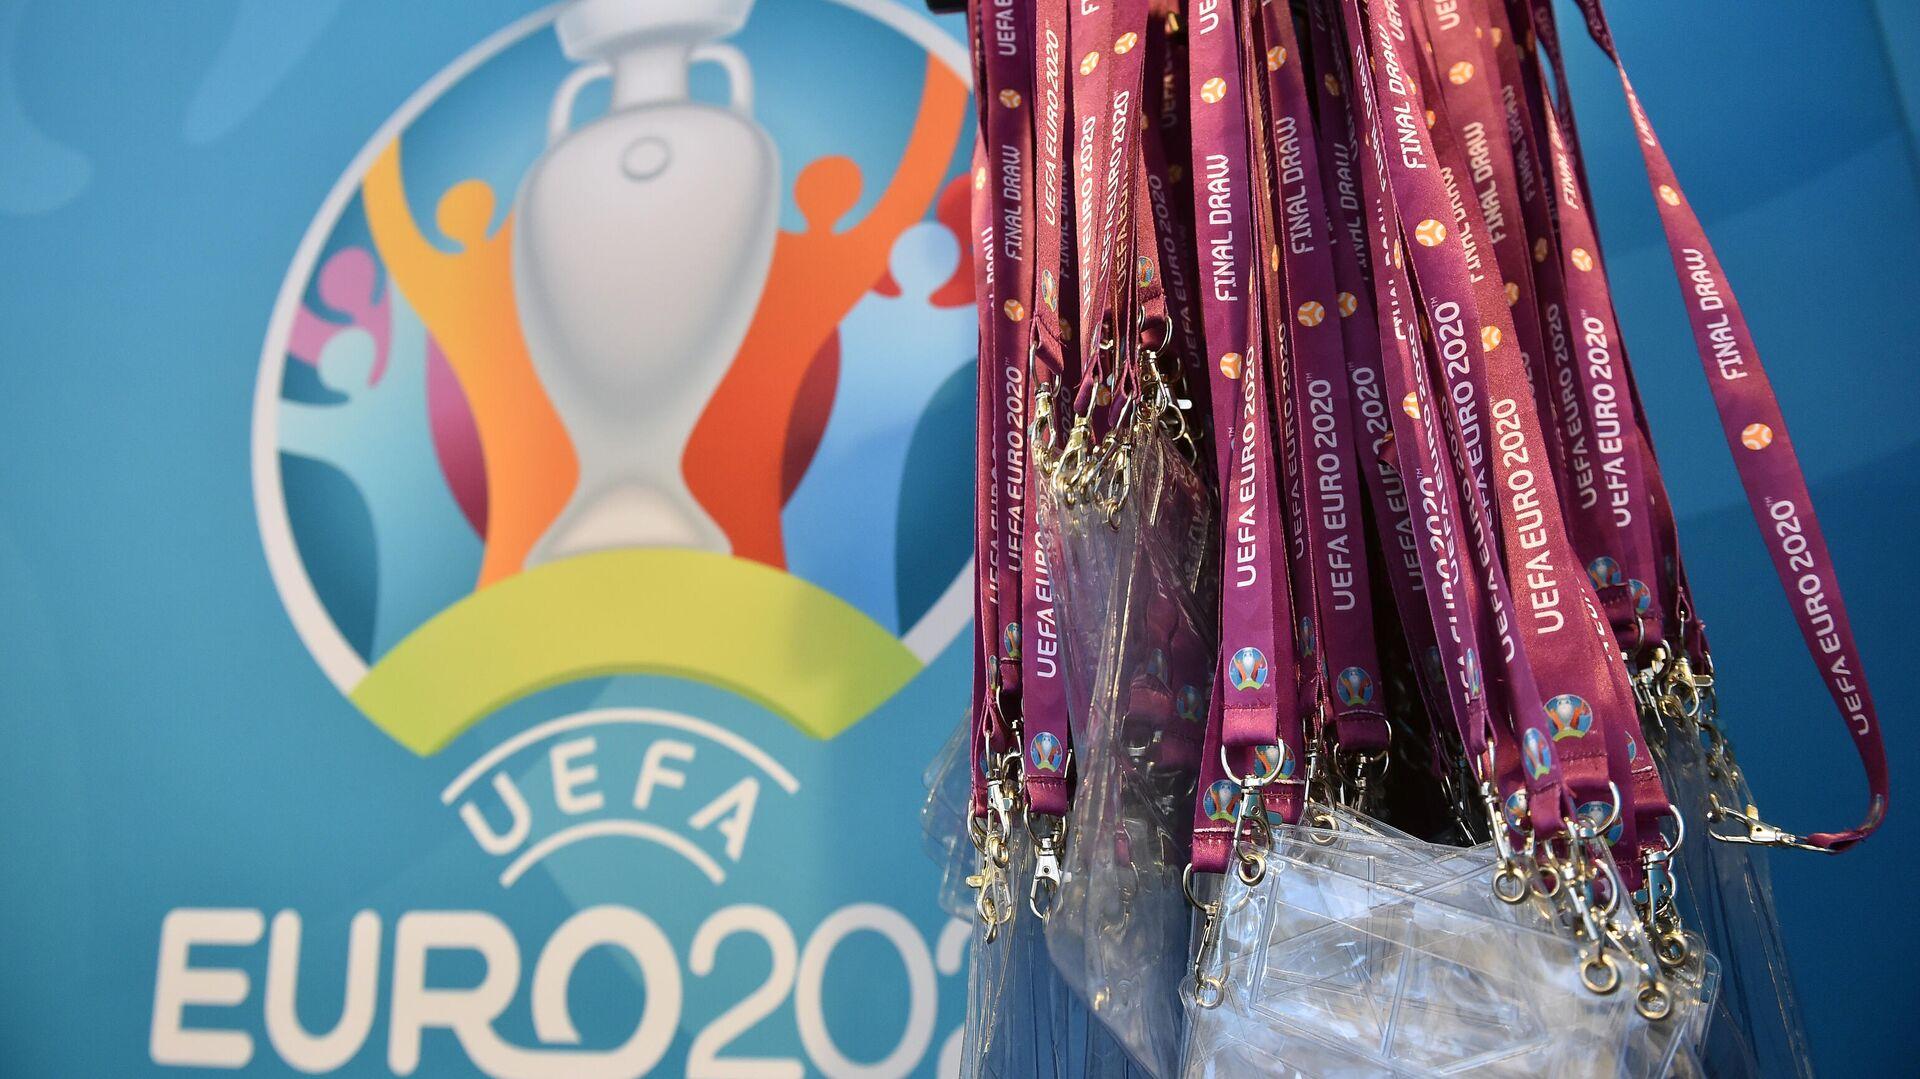 Церемония жеребьевки финального турнира ЕВРО-2020 - РИА Новости, 1920, 06.04.2021